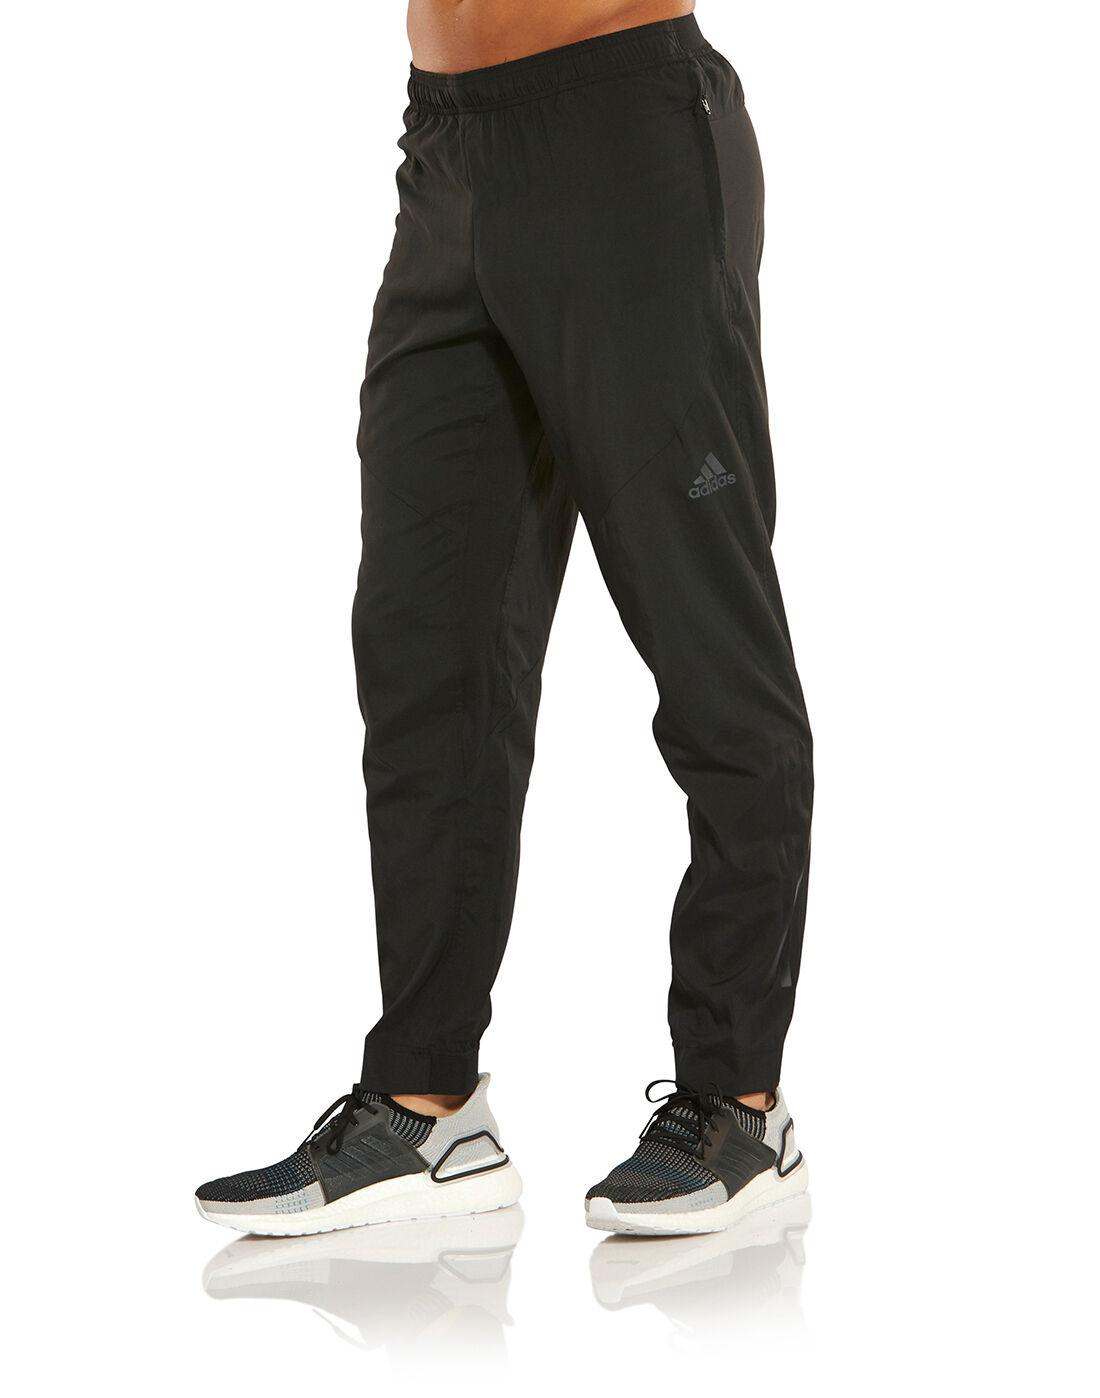 adidas workout pants mens